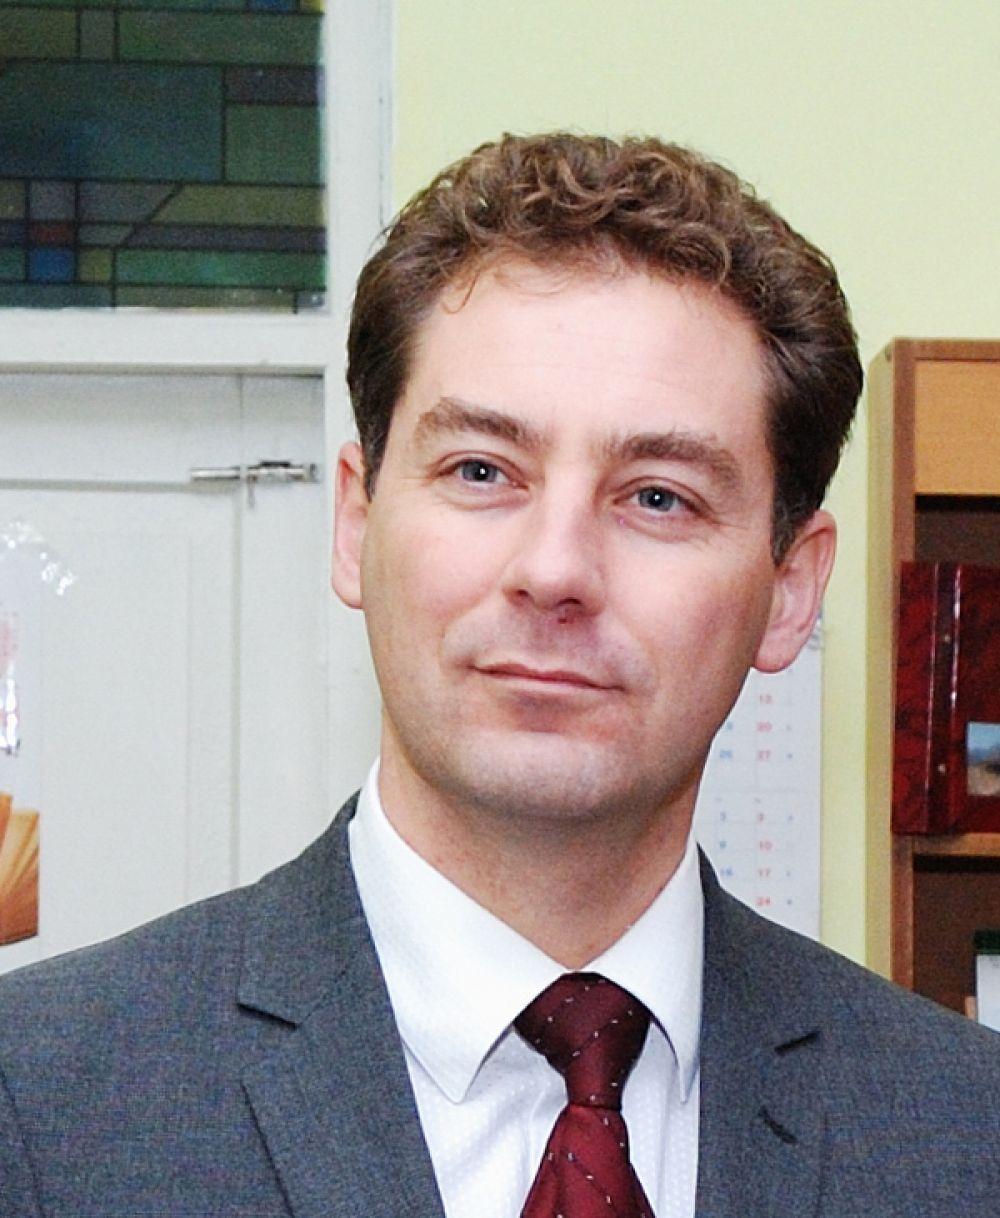 Бывшему главе Феодосии Щепеткову продлили срок содержания под стражей еще на 2 месяца